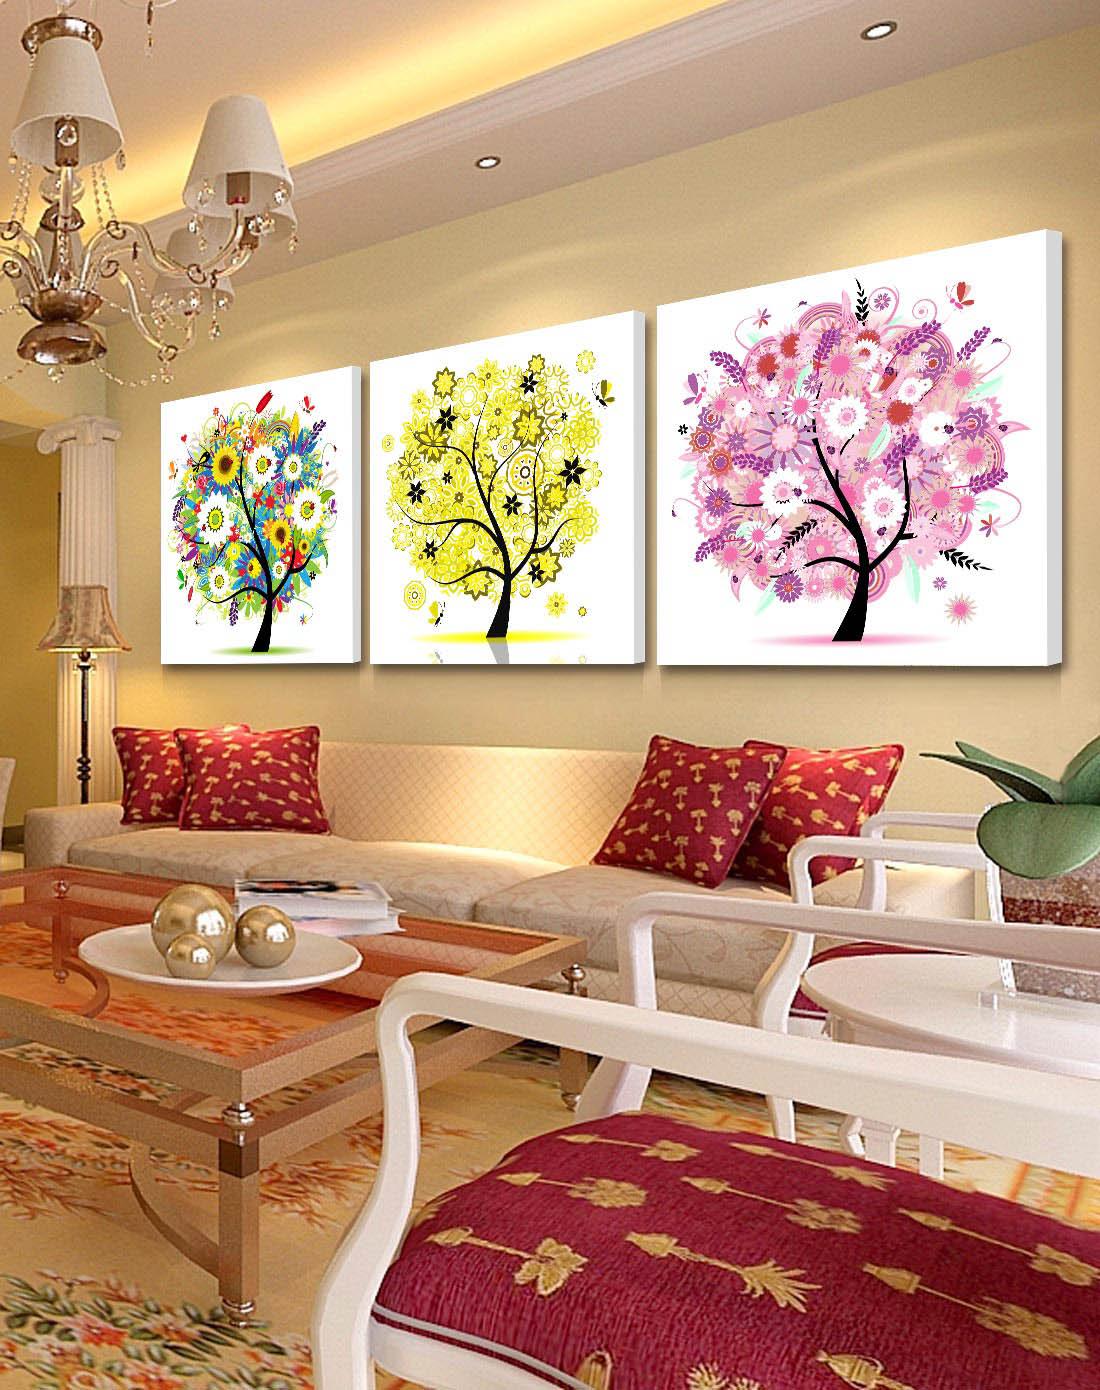 柠檬树家居装饰专场简约装饰画 幸福多彩树wp010_唯品